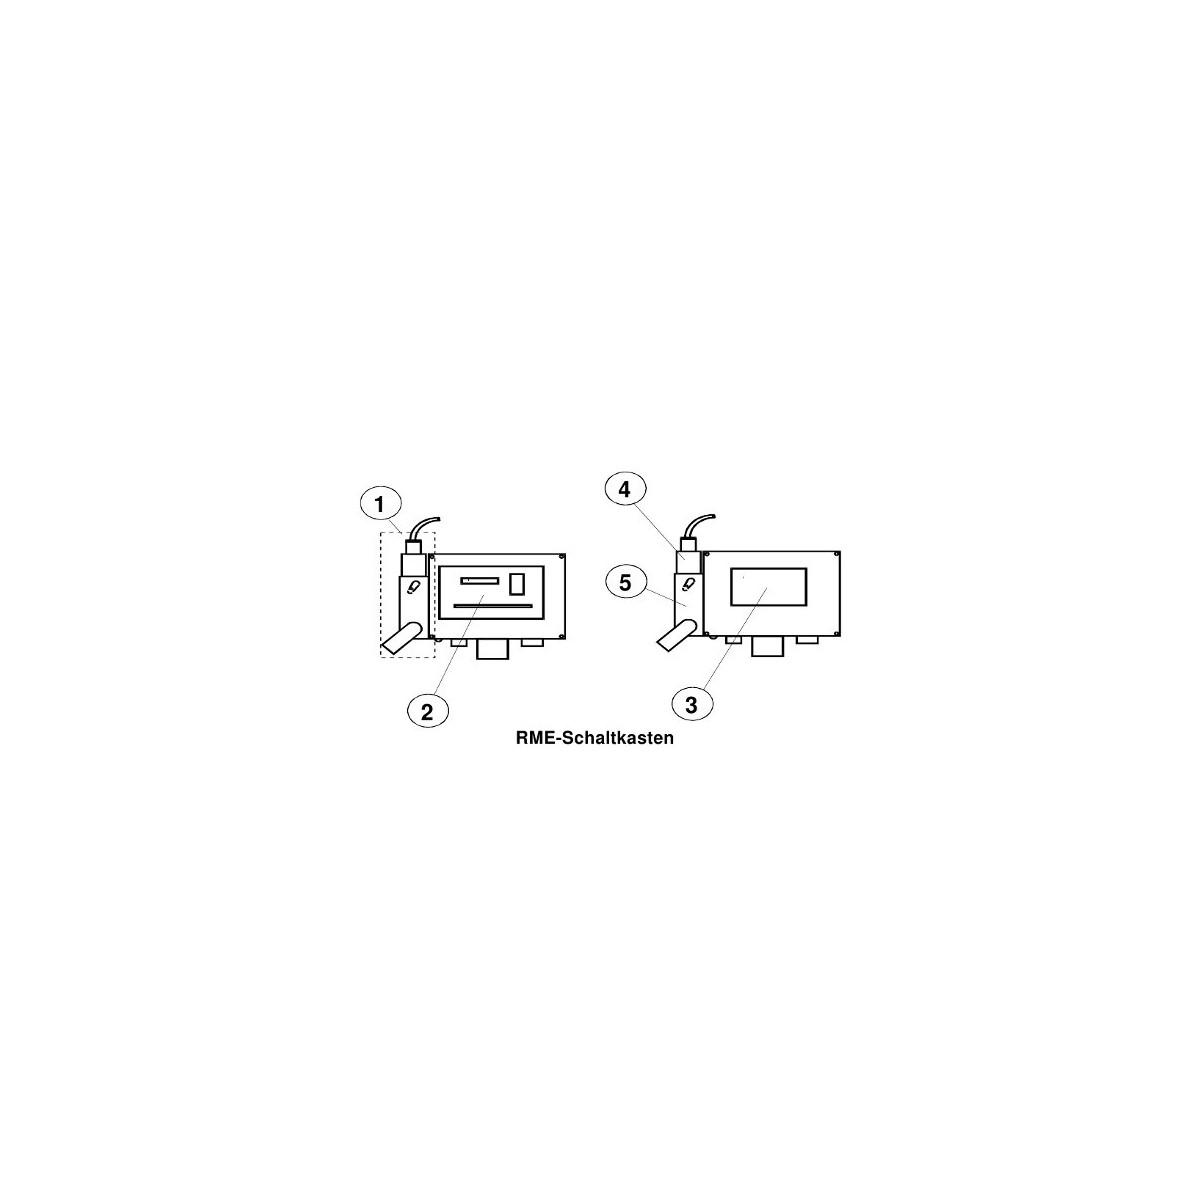 Schön Frachtleitsystem Schaltkasten Zeitgenössisch - Elektrische ...